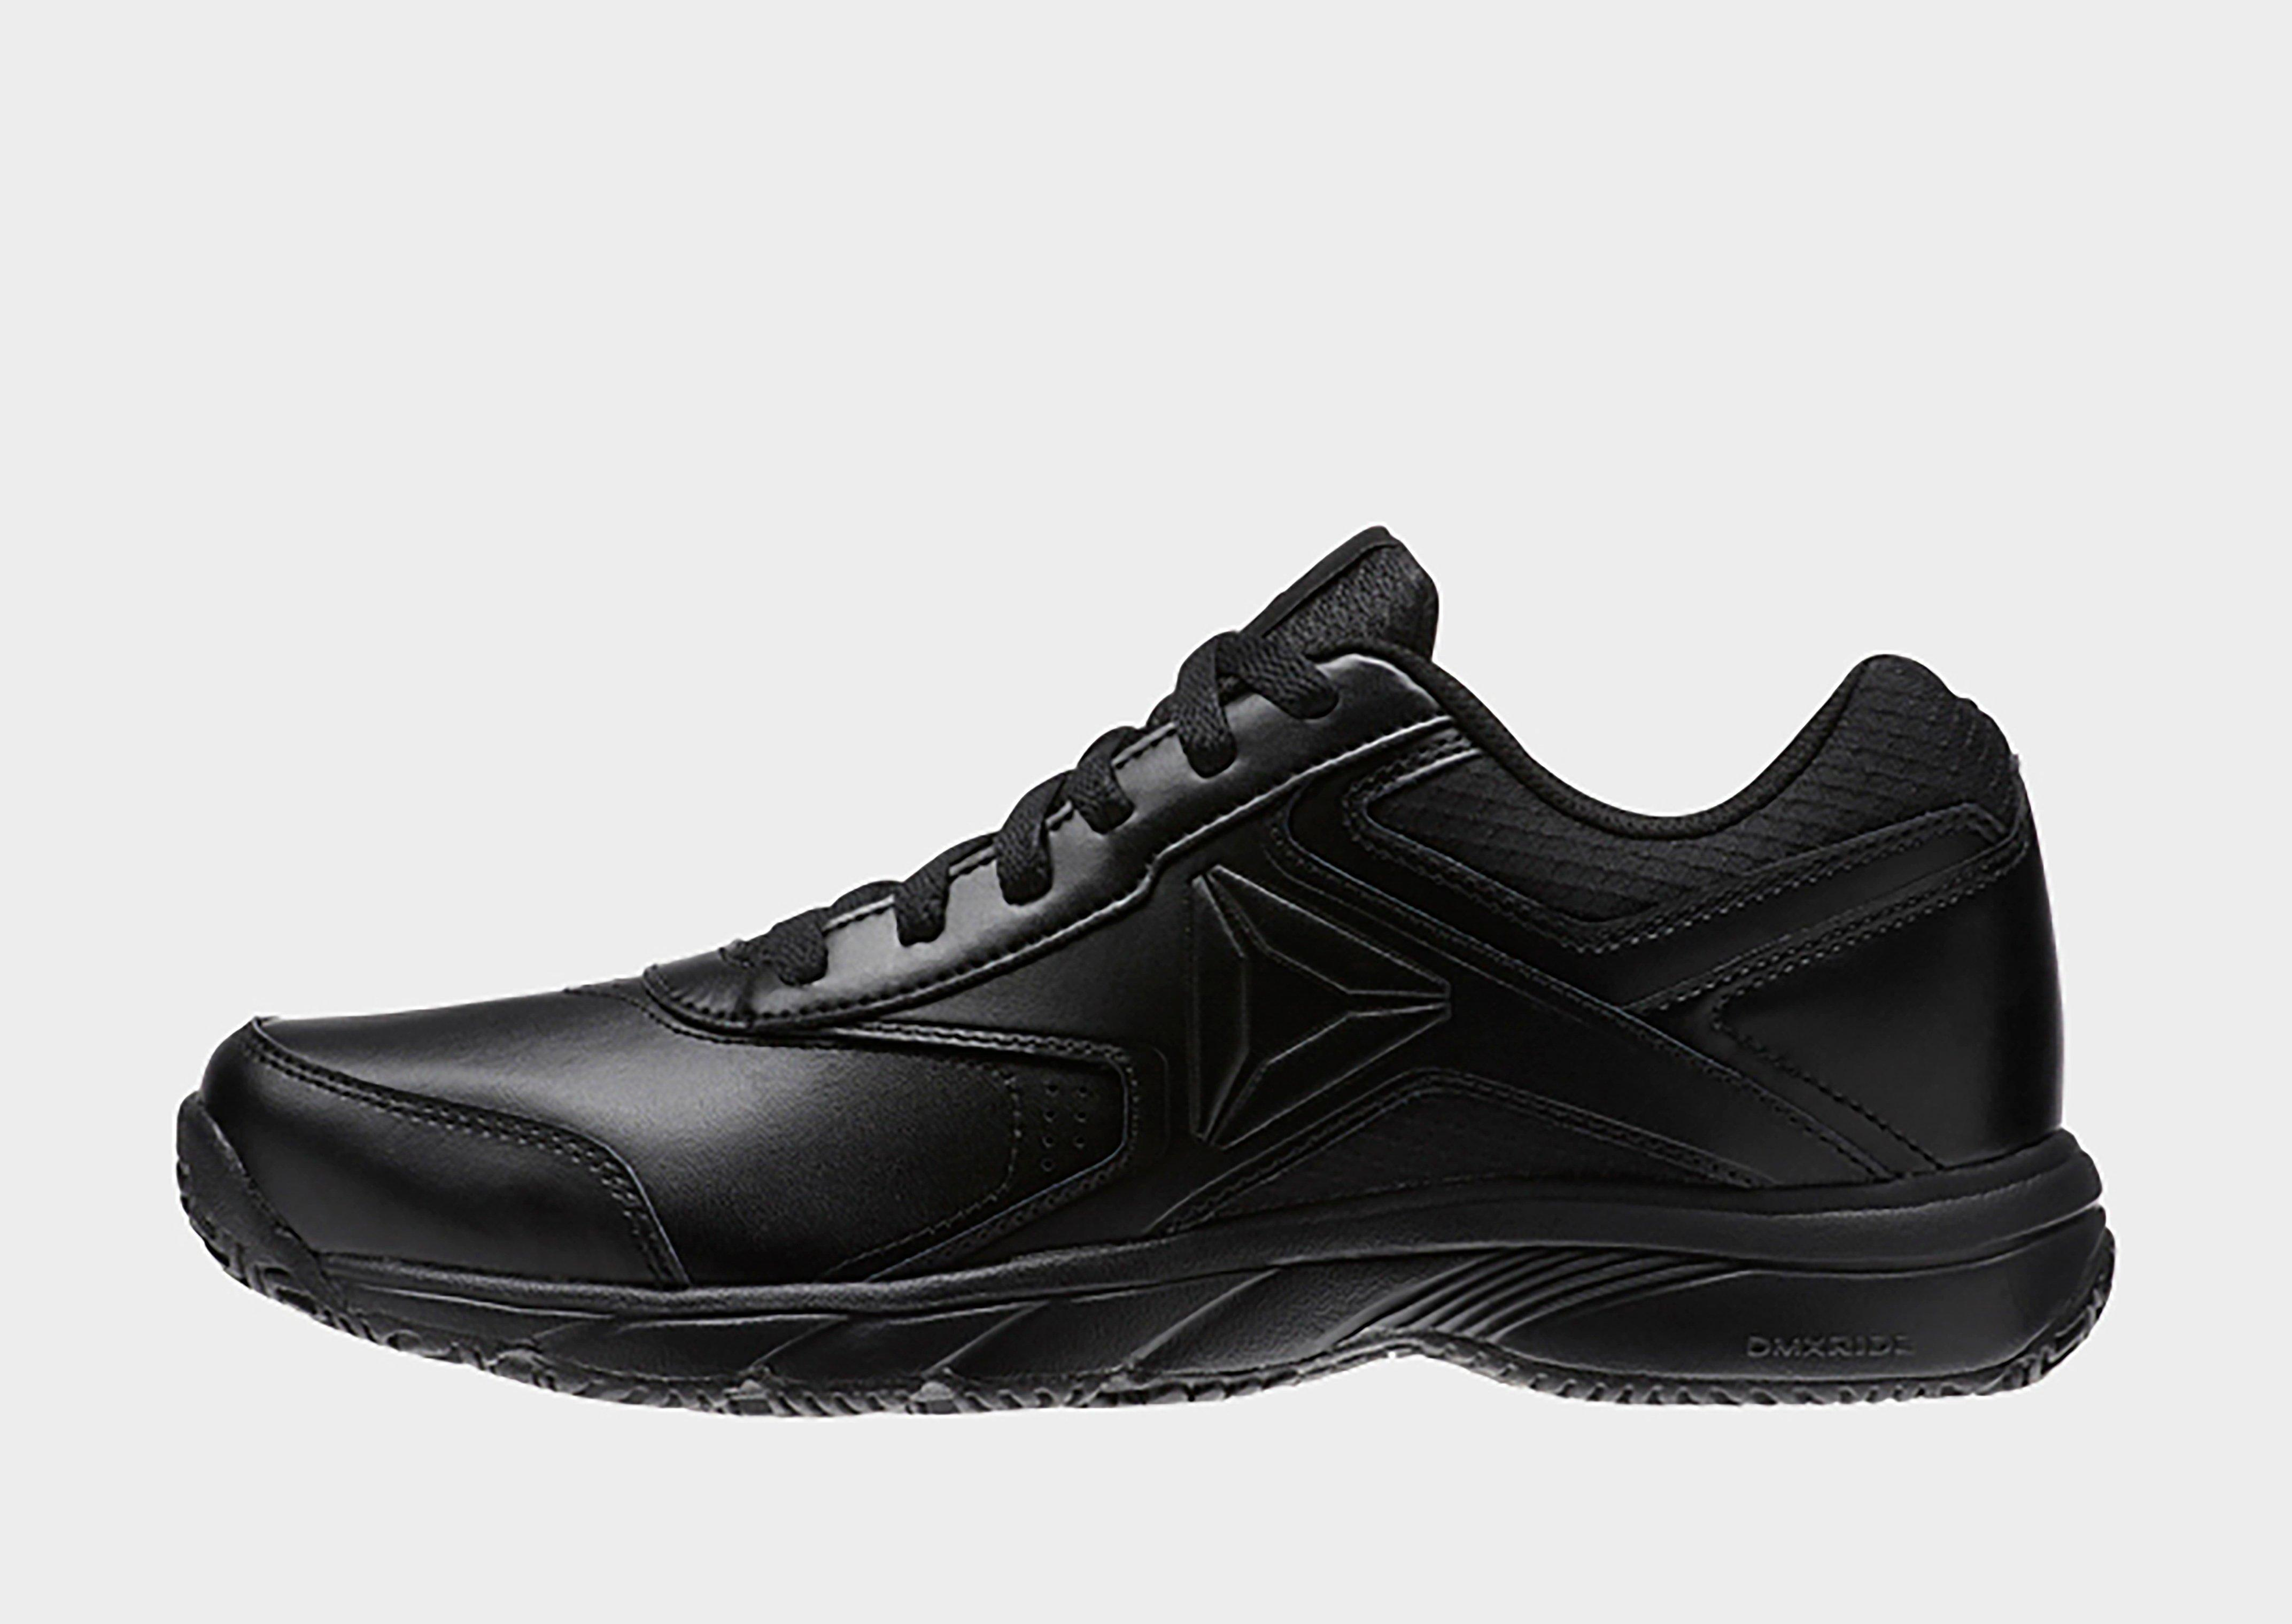 2669aff5fc5519 Lyst - Reebok Work N Cushion 3.0 in Black for Men